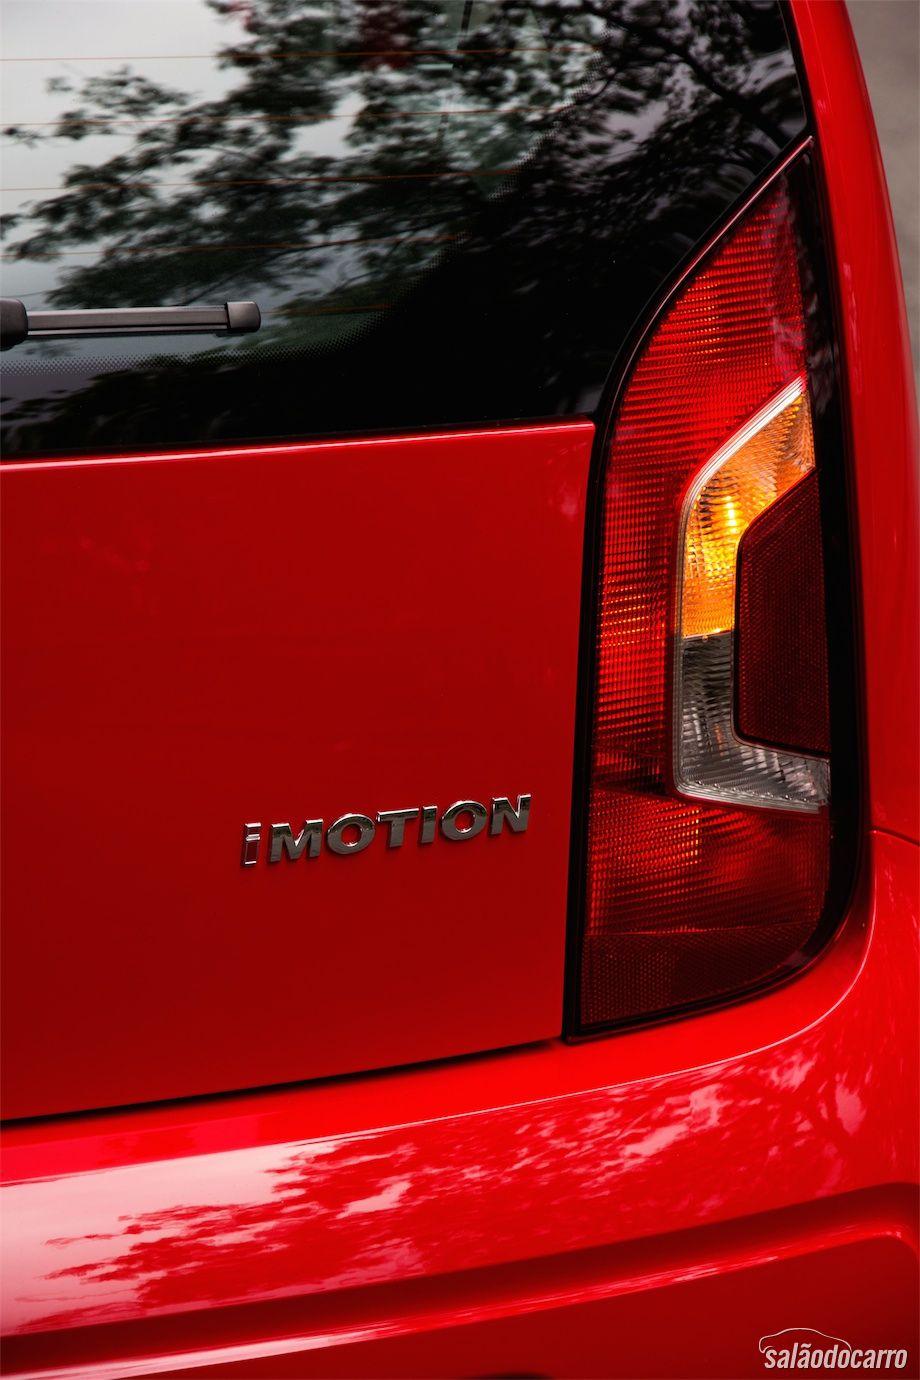 Detalhe do emblema I-Motion